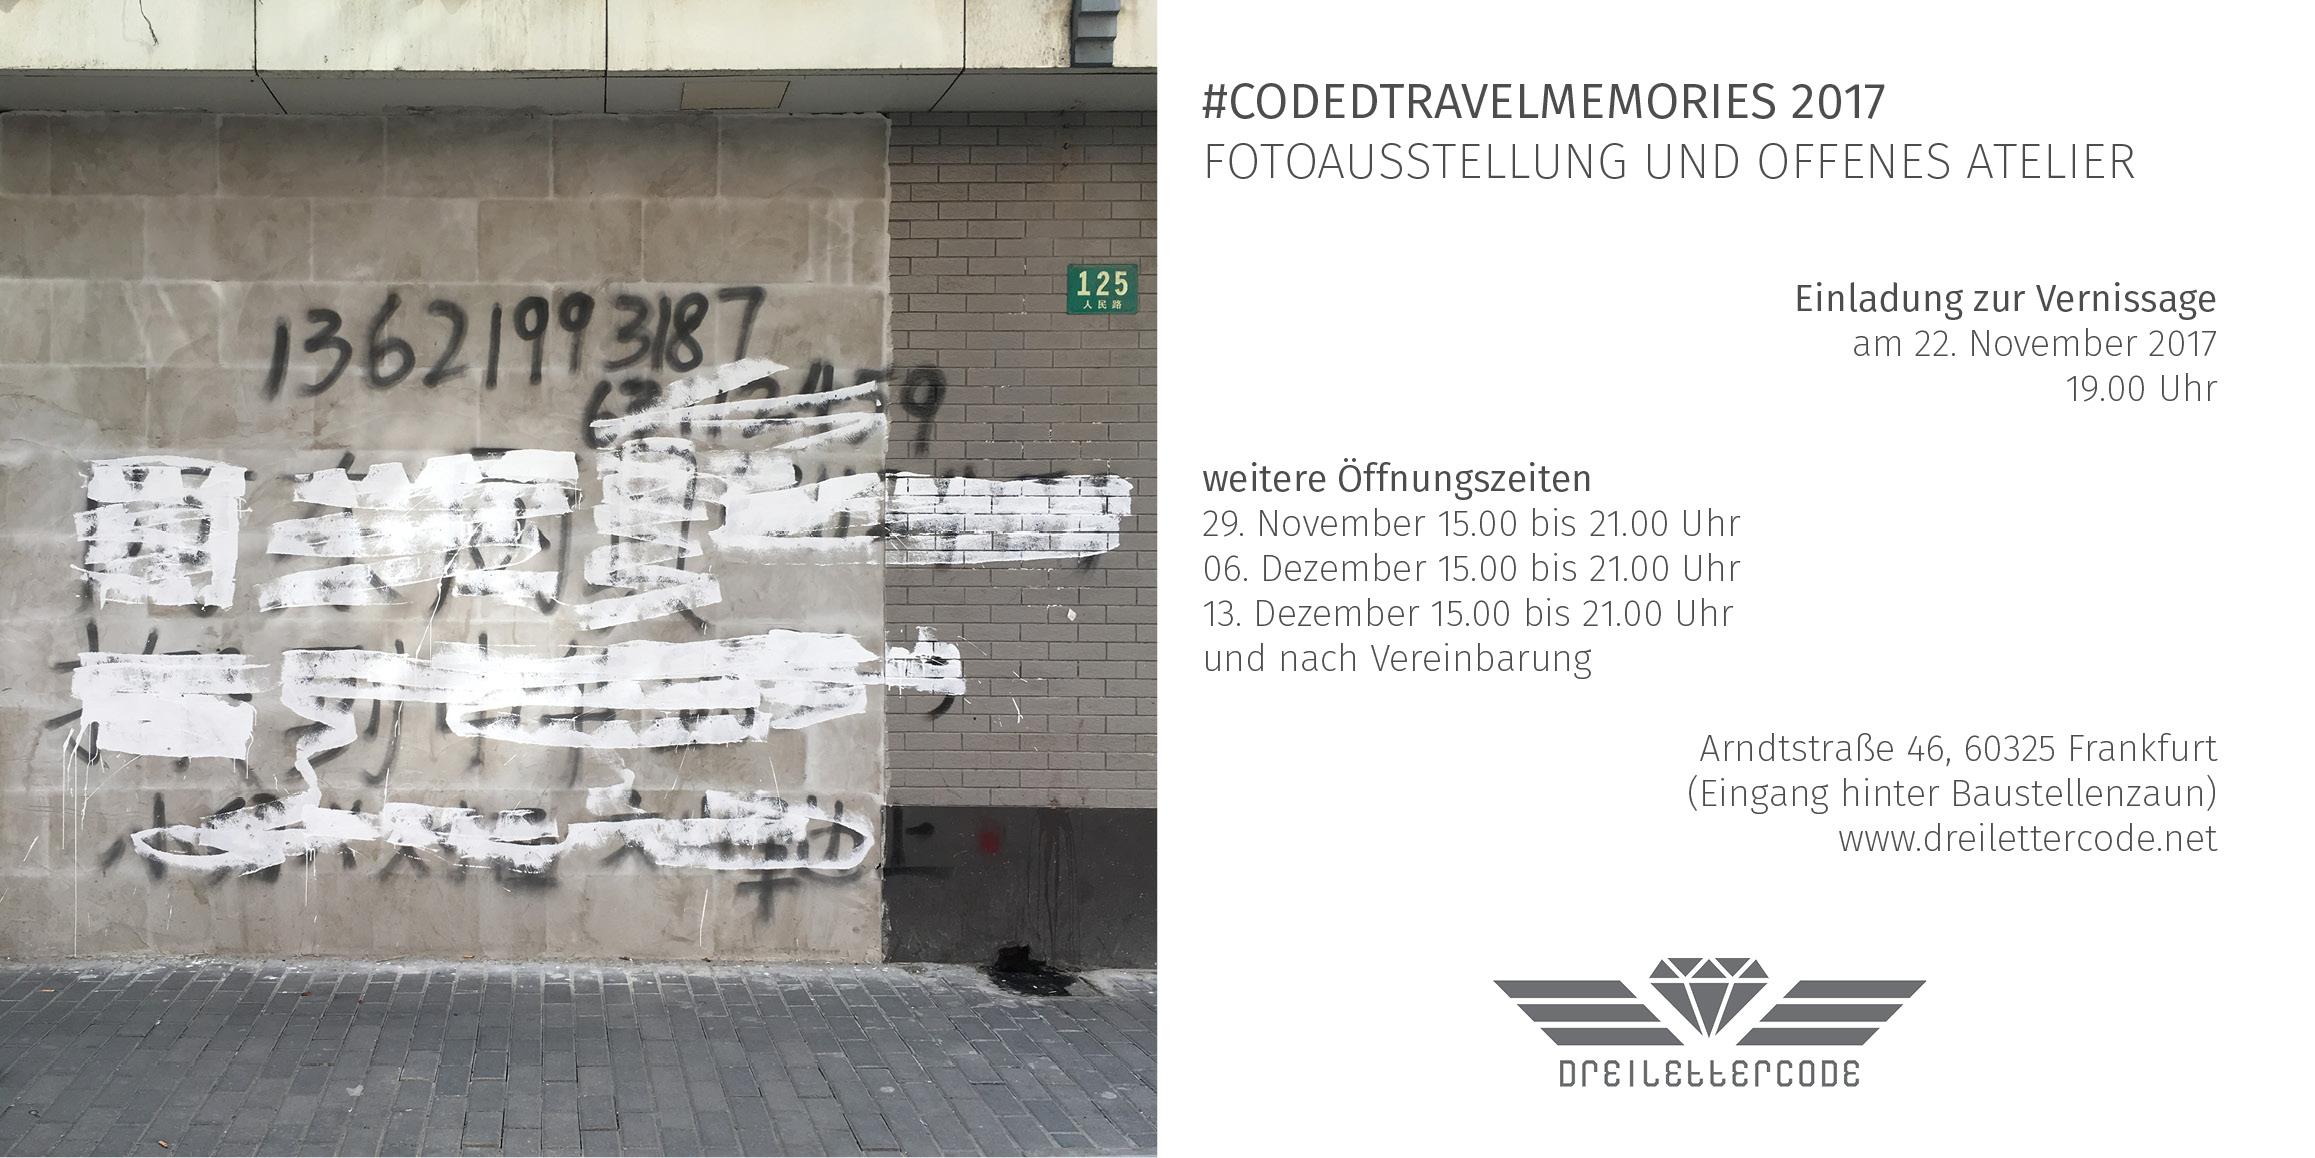 herzliche Einladung zur Vernissage der Fotoausstellung Codedtravelmemories 2017 bei Dreilettercode